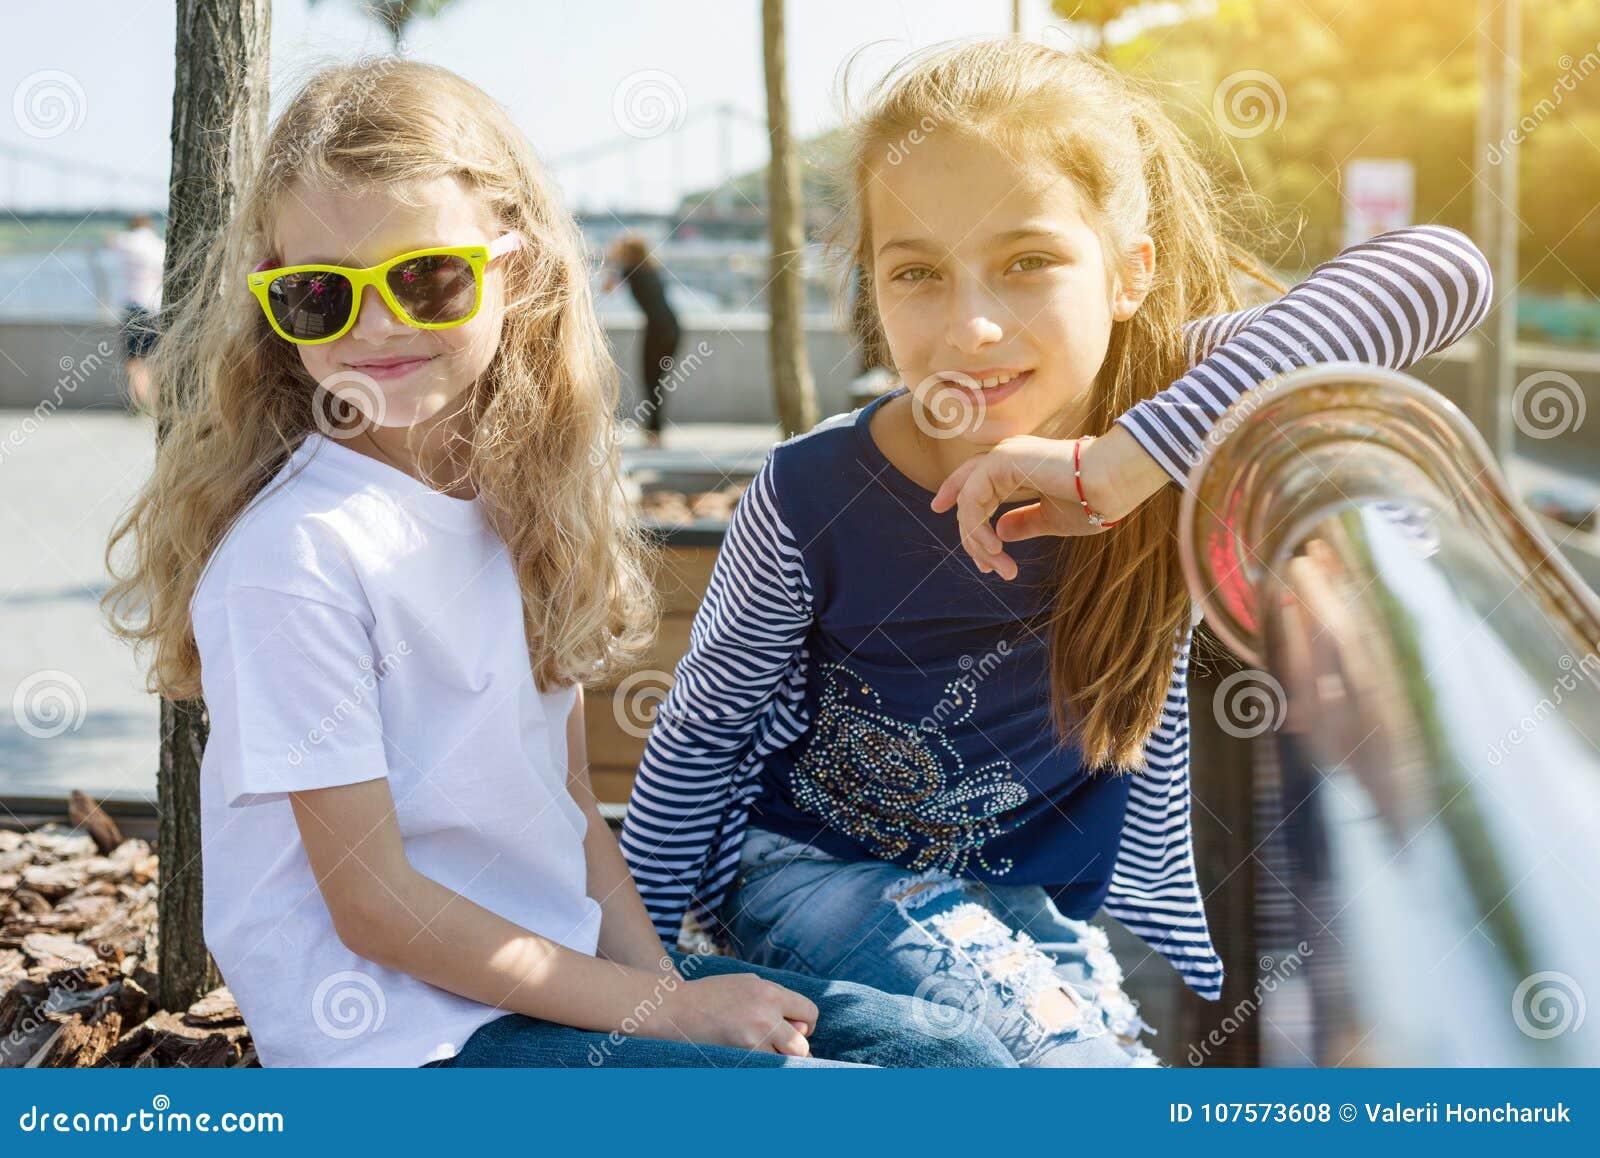 Dos niñas bonitas están mirando la cámara y la sonrisa